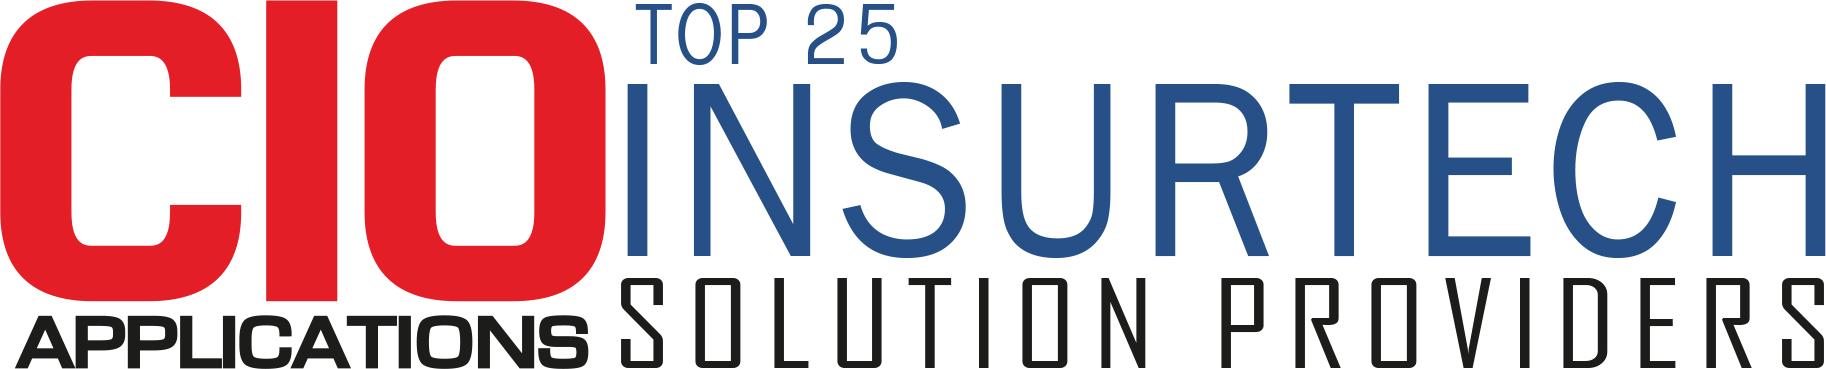 Top 25 Insurtech Companies - 2019